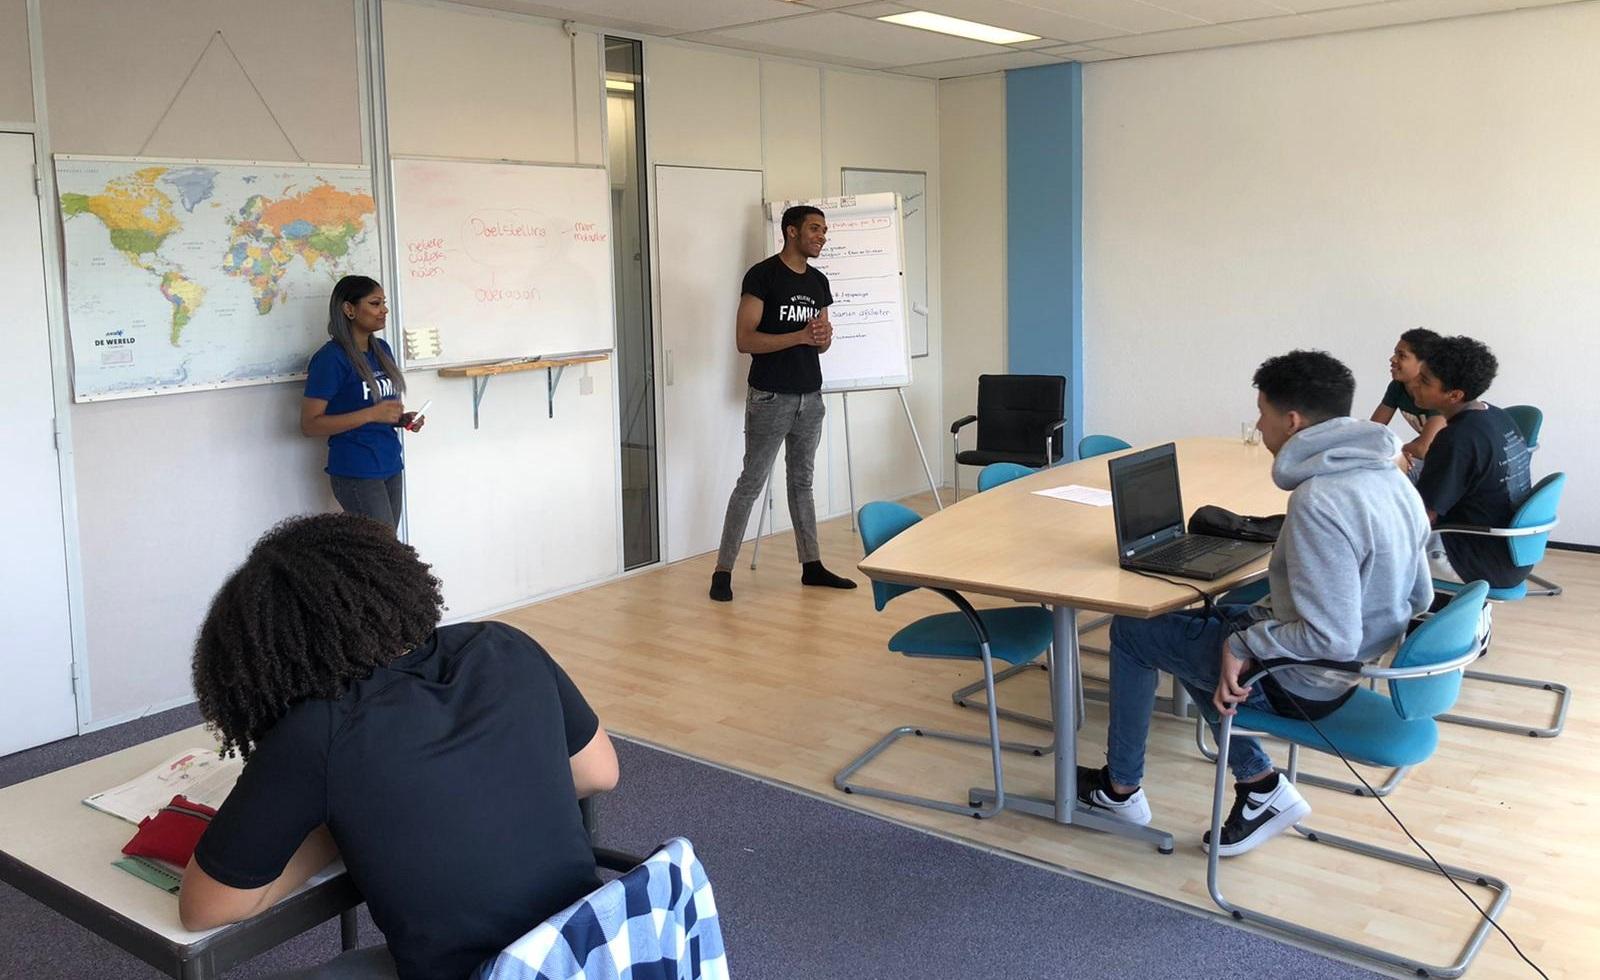 YETS Foundation vindt nieuwe manieren om jongeren te begeleiden in Coronatijd